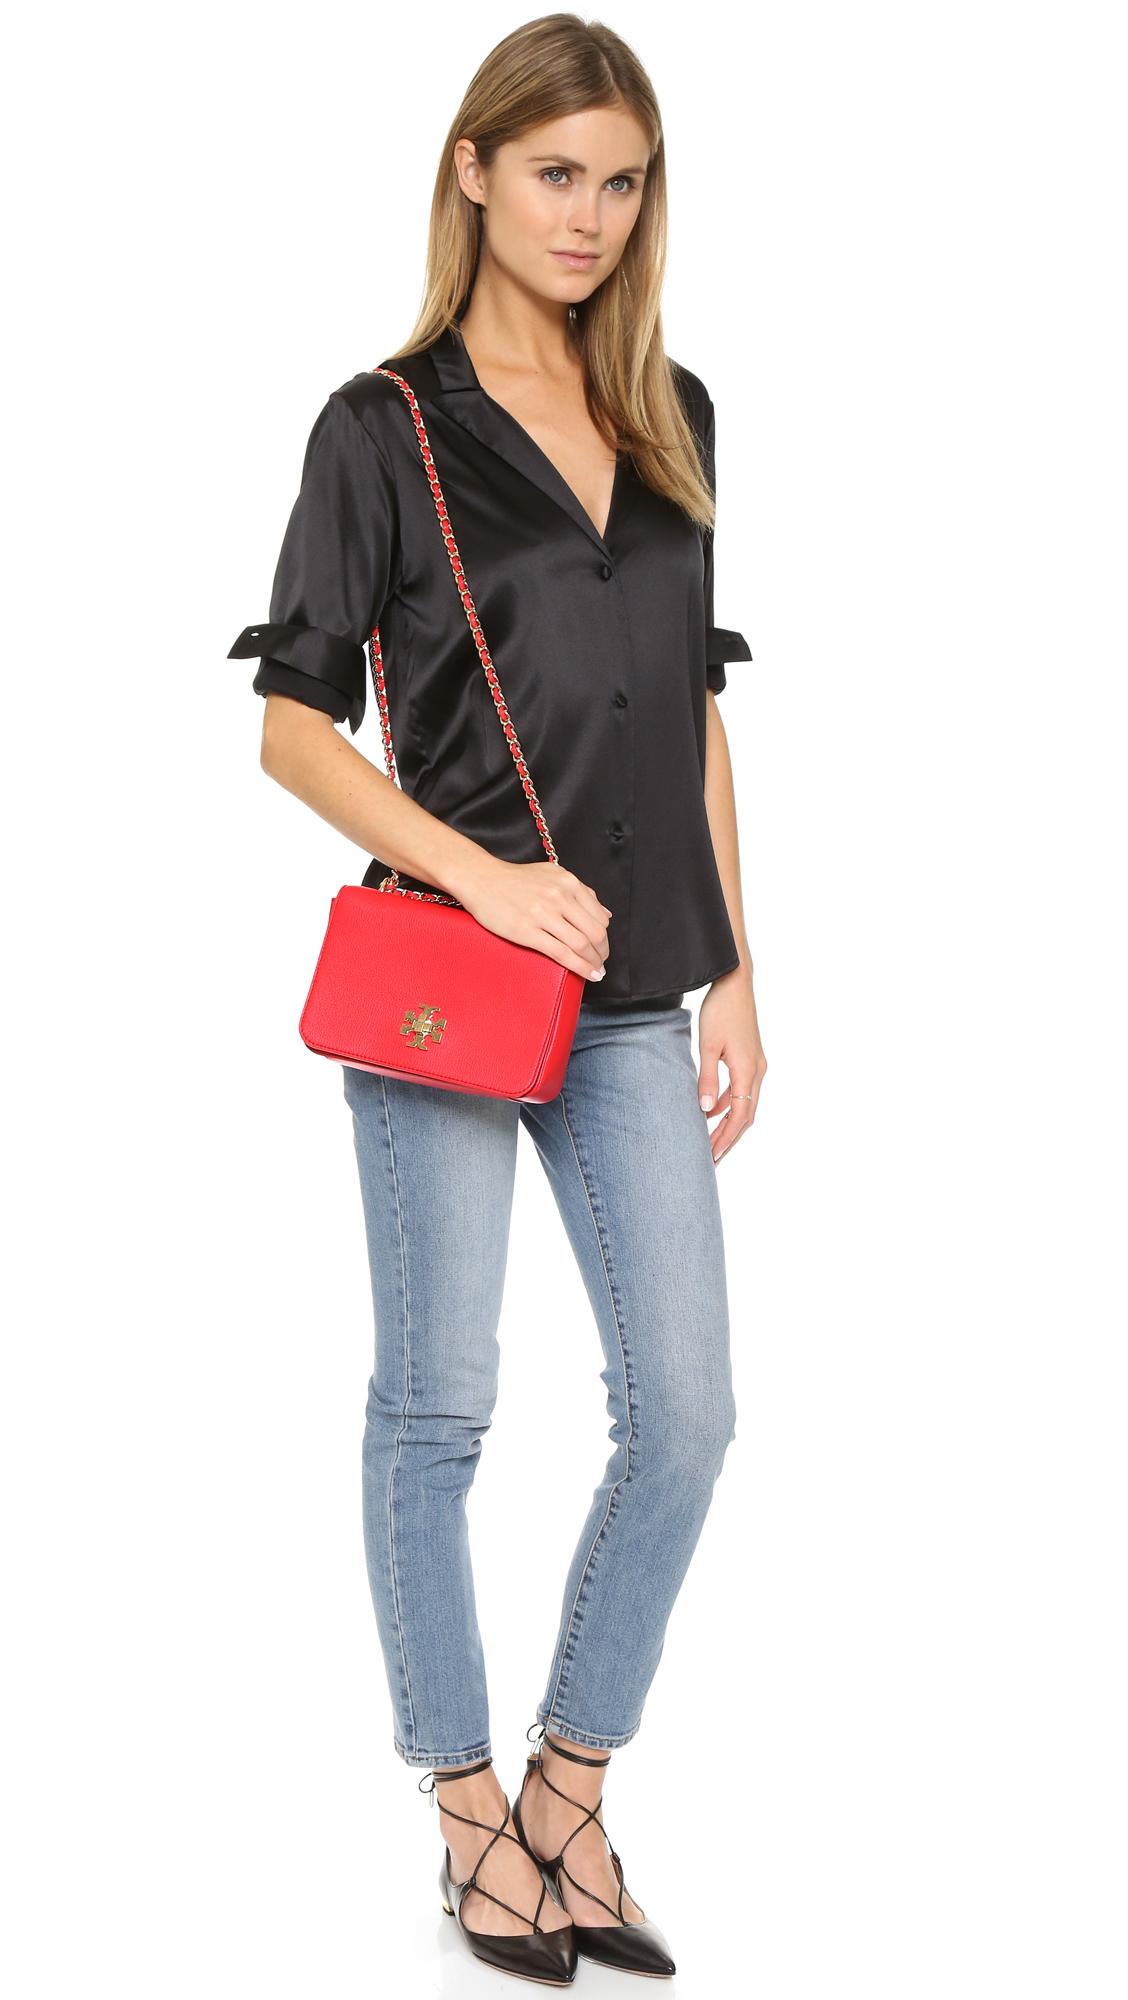 Chloe Leather Vermilion Shoulder Bag Chloe Knockoff